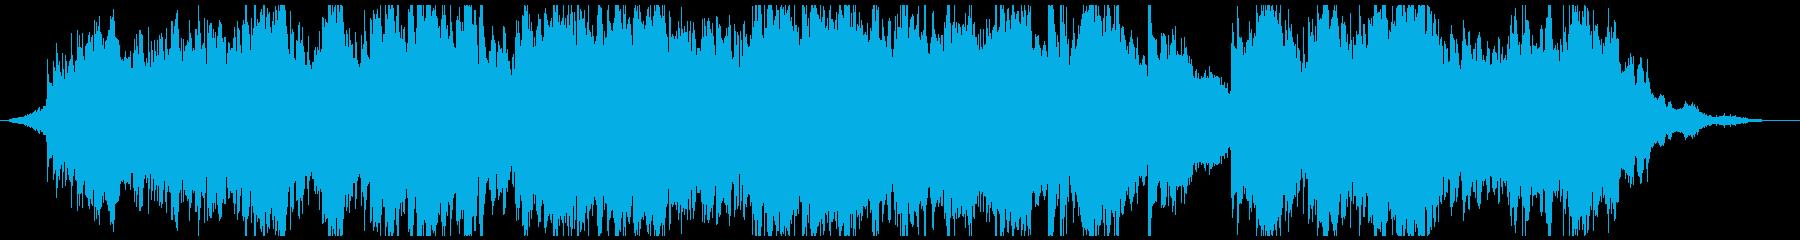 金色に輝くさざ波をイメージした曲の再生済みの波形